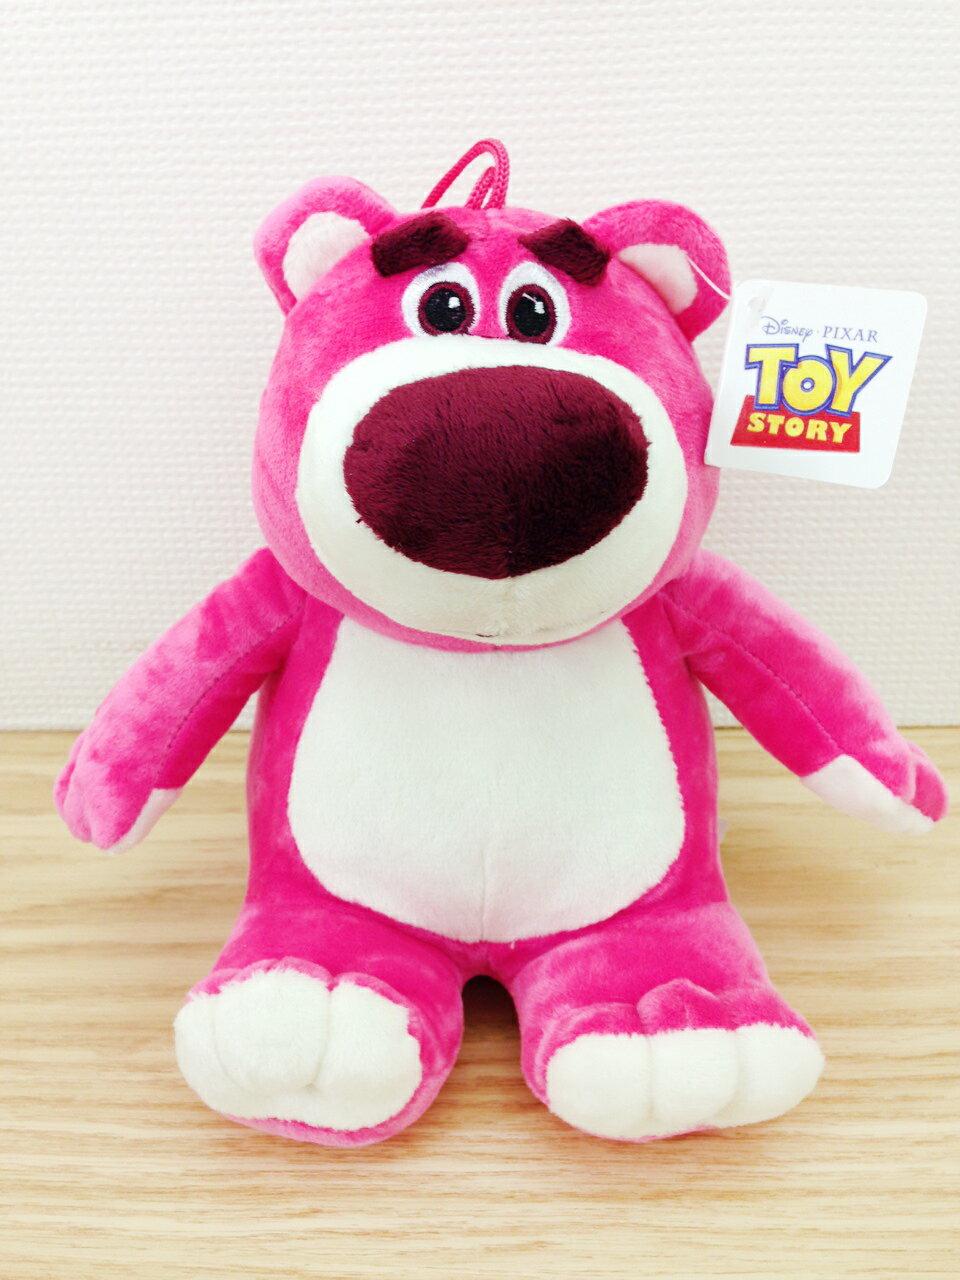 ~真愛 ~15102600013 6吋吊娃~熊抱哥坐姿 玩具總動員 熊抱哥 娃娃 吊娃 擺